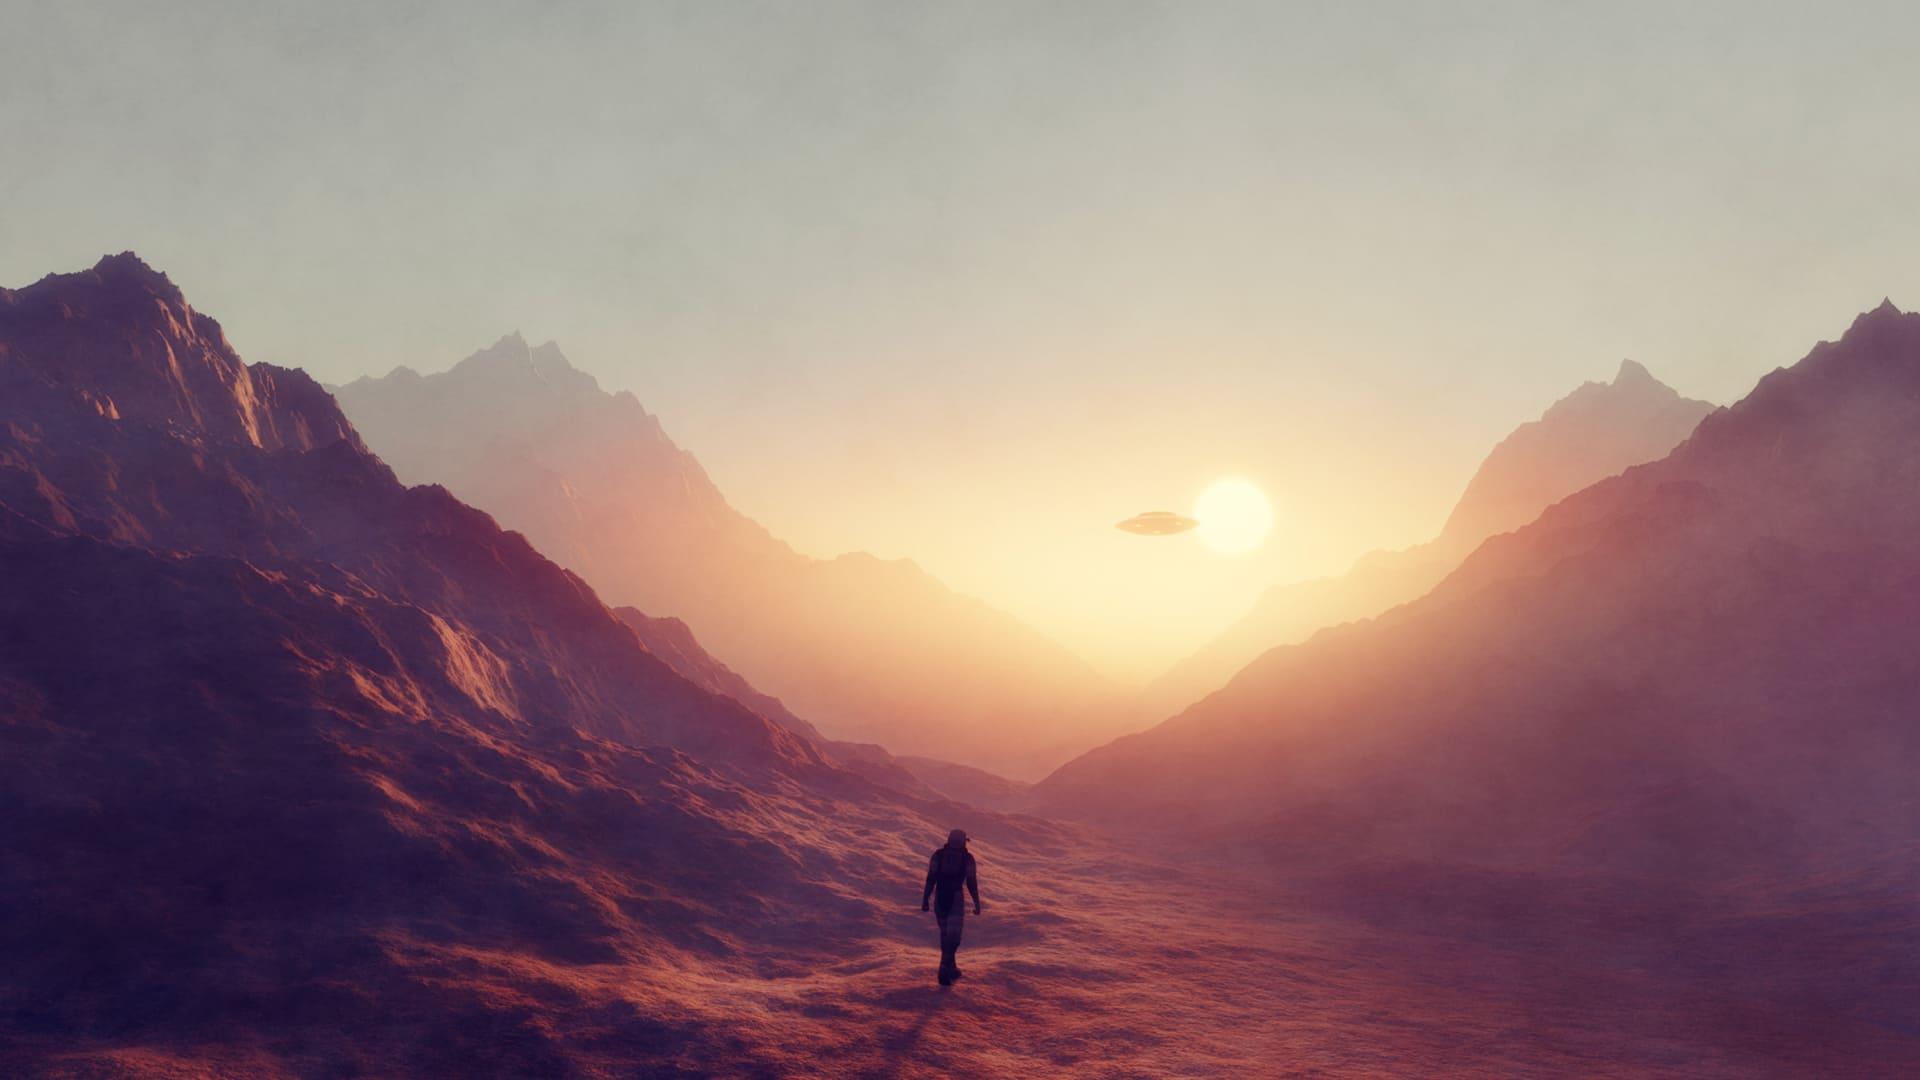 Vive una Experiencia Exclusiva en Marte con NUBA